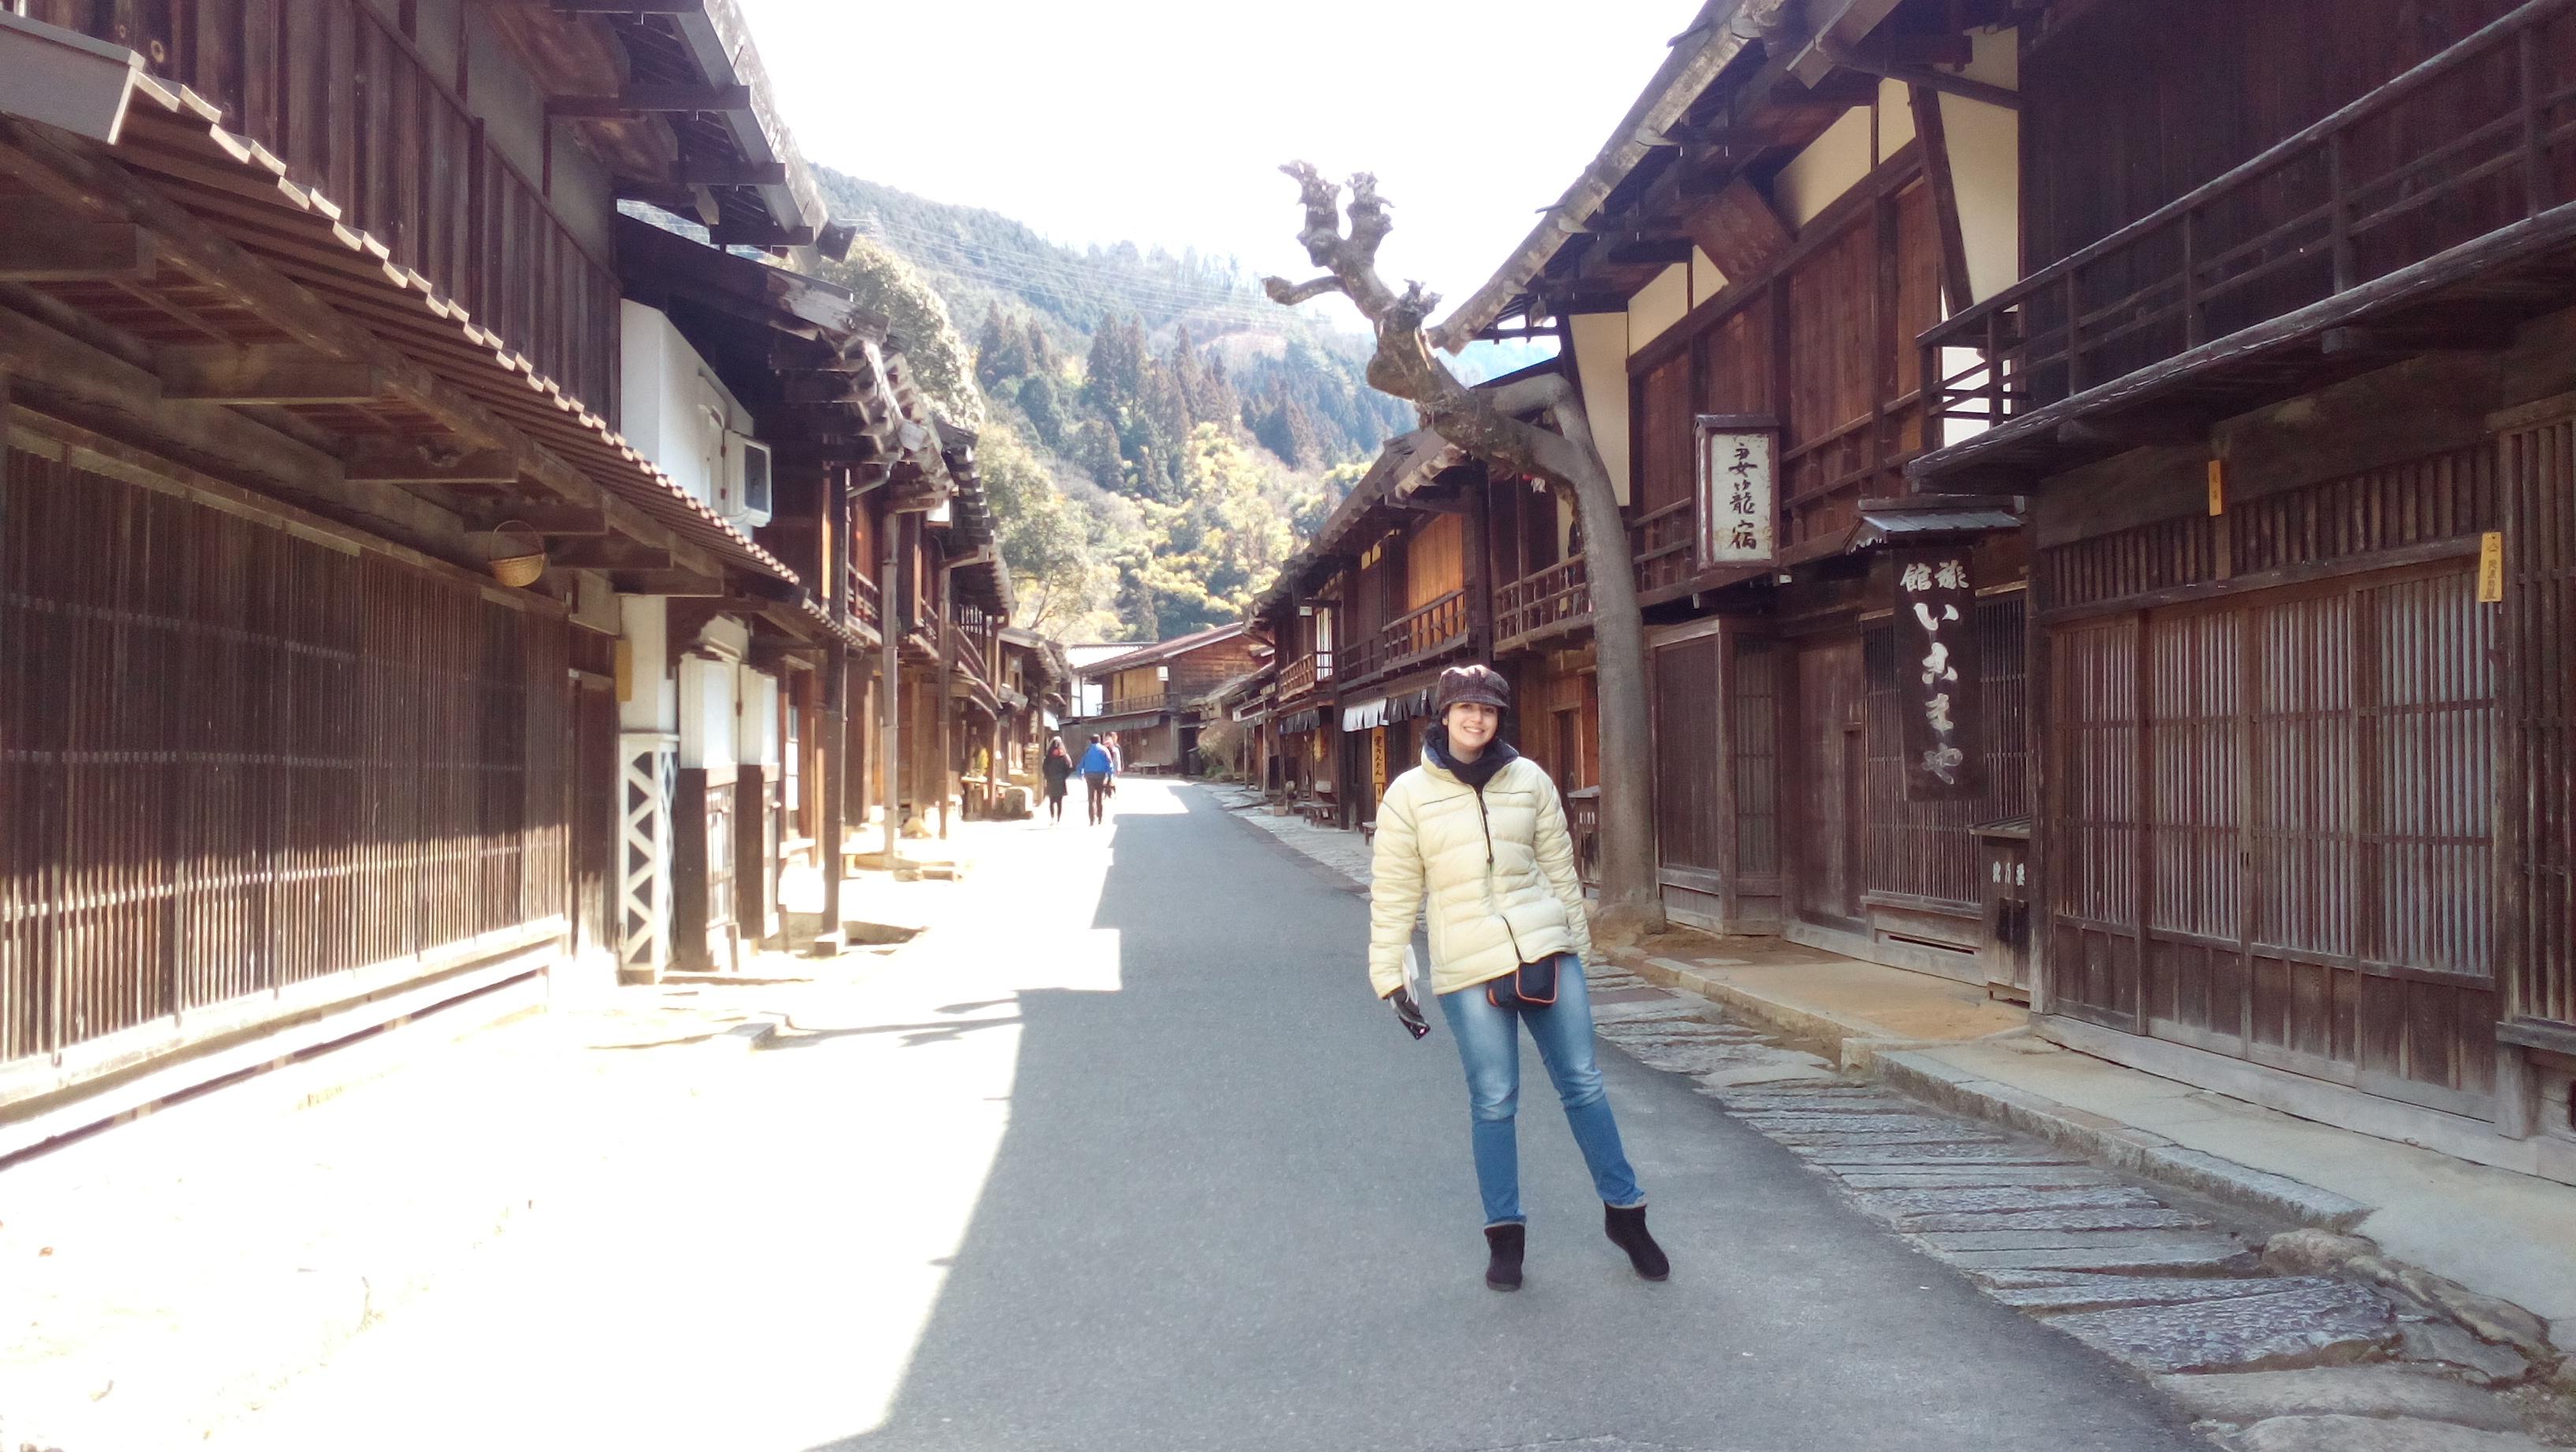 La escritora y bloguera Déborah F. Muñoz en Tsumago, Japón